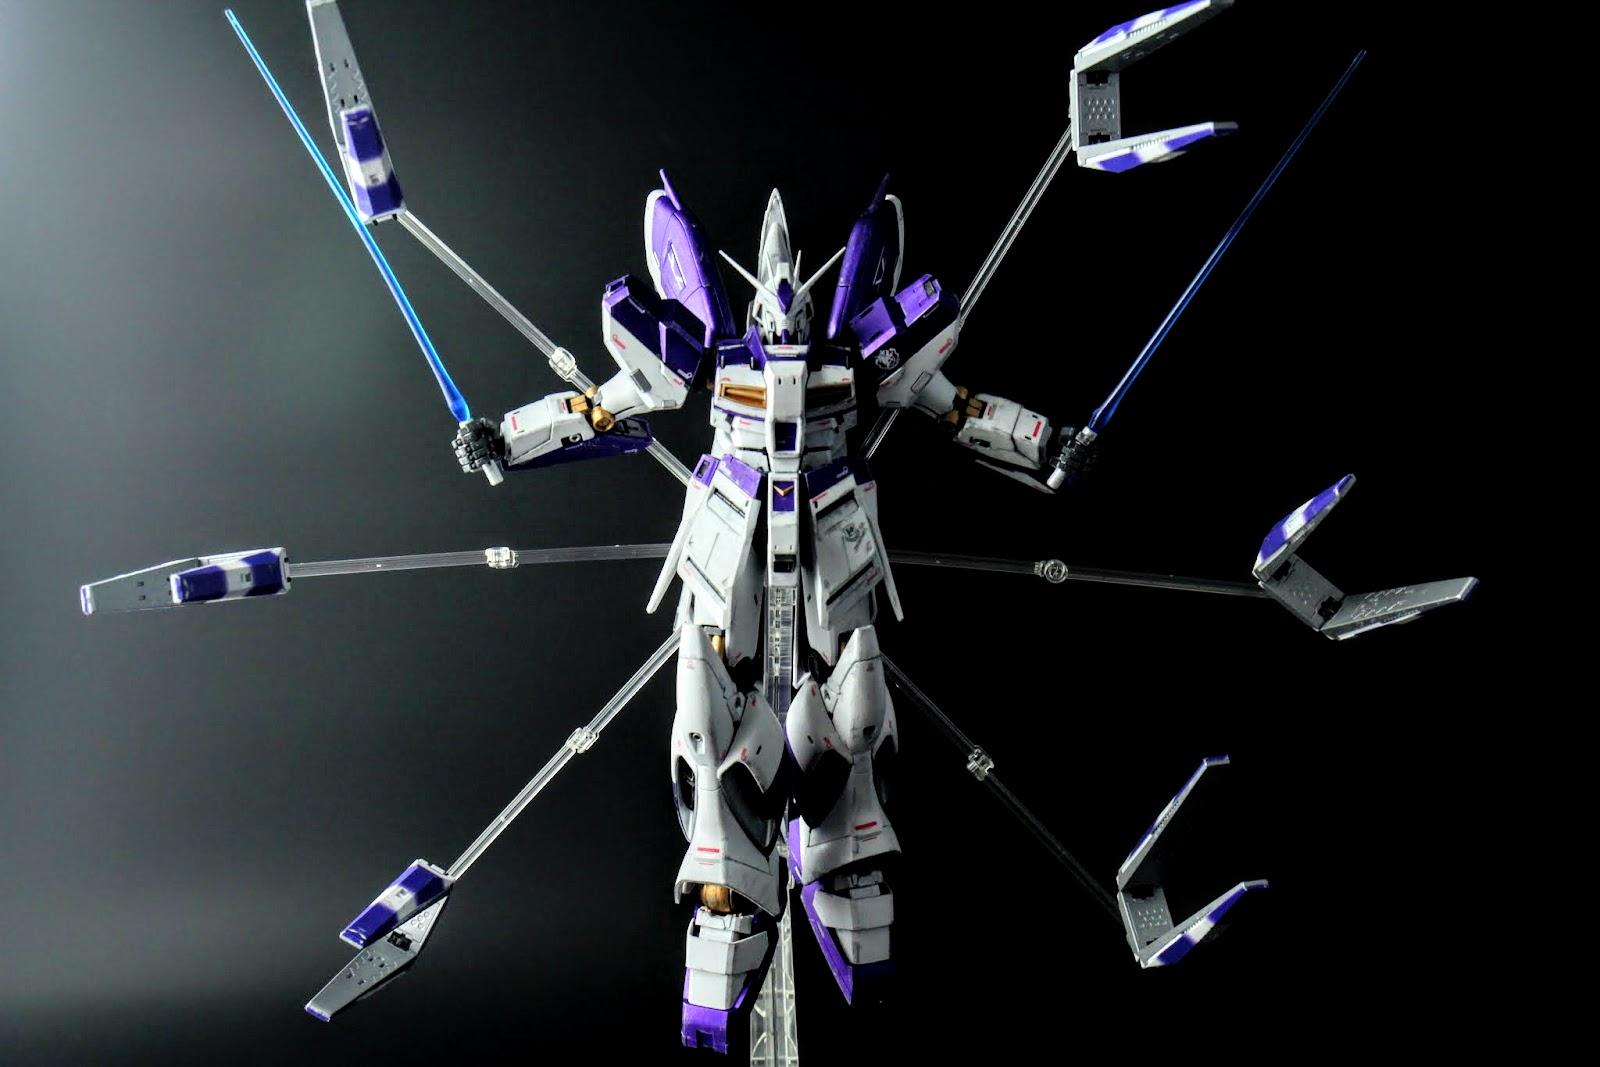 當然,最具特色的武裝-FinFunnel也有支架來展示